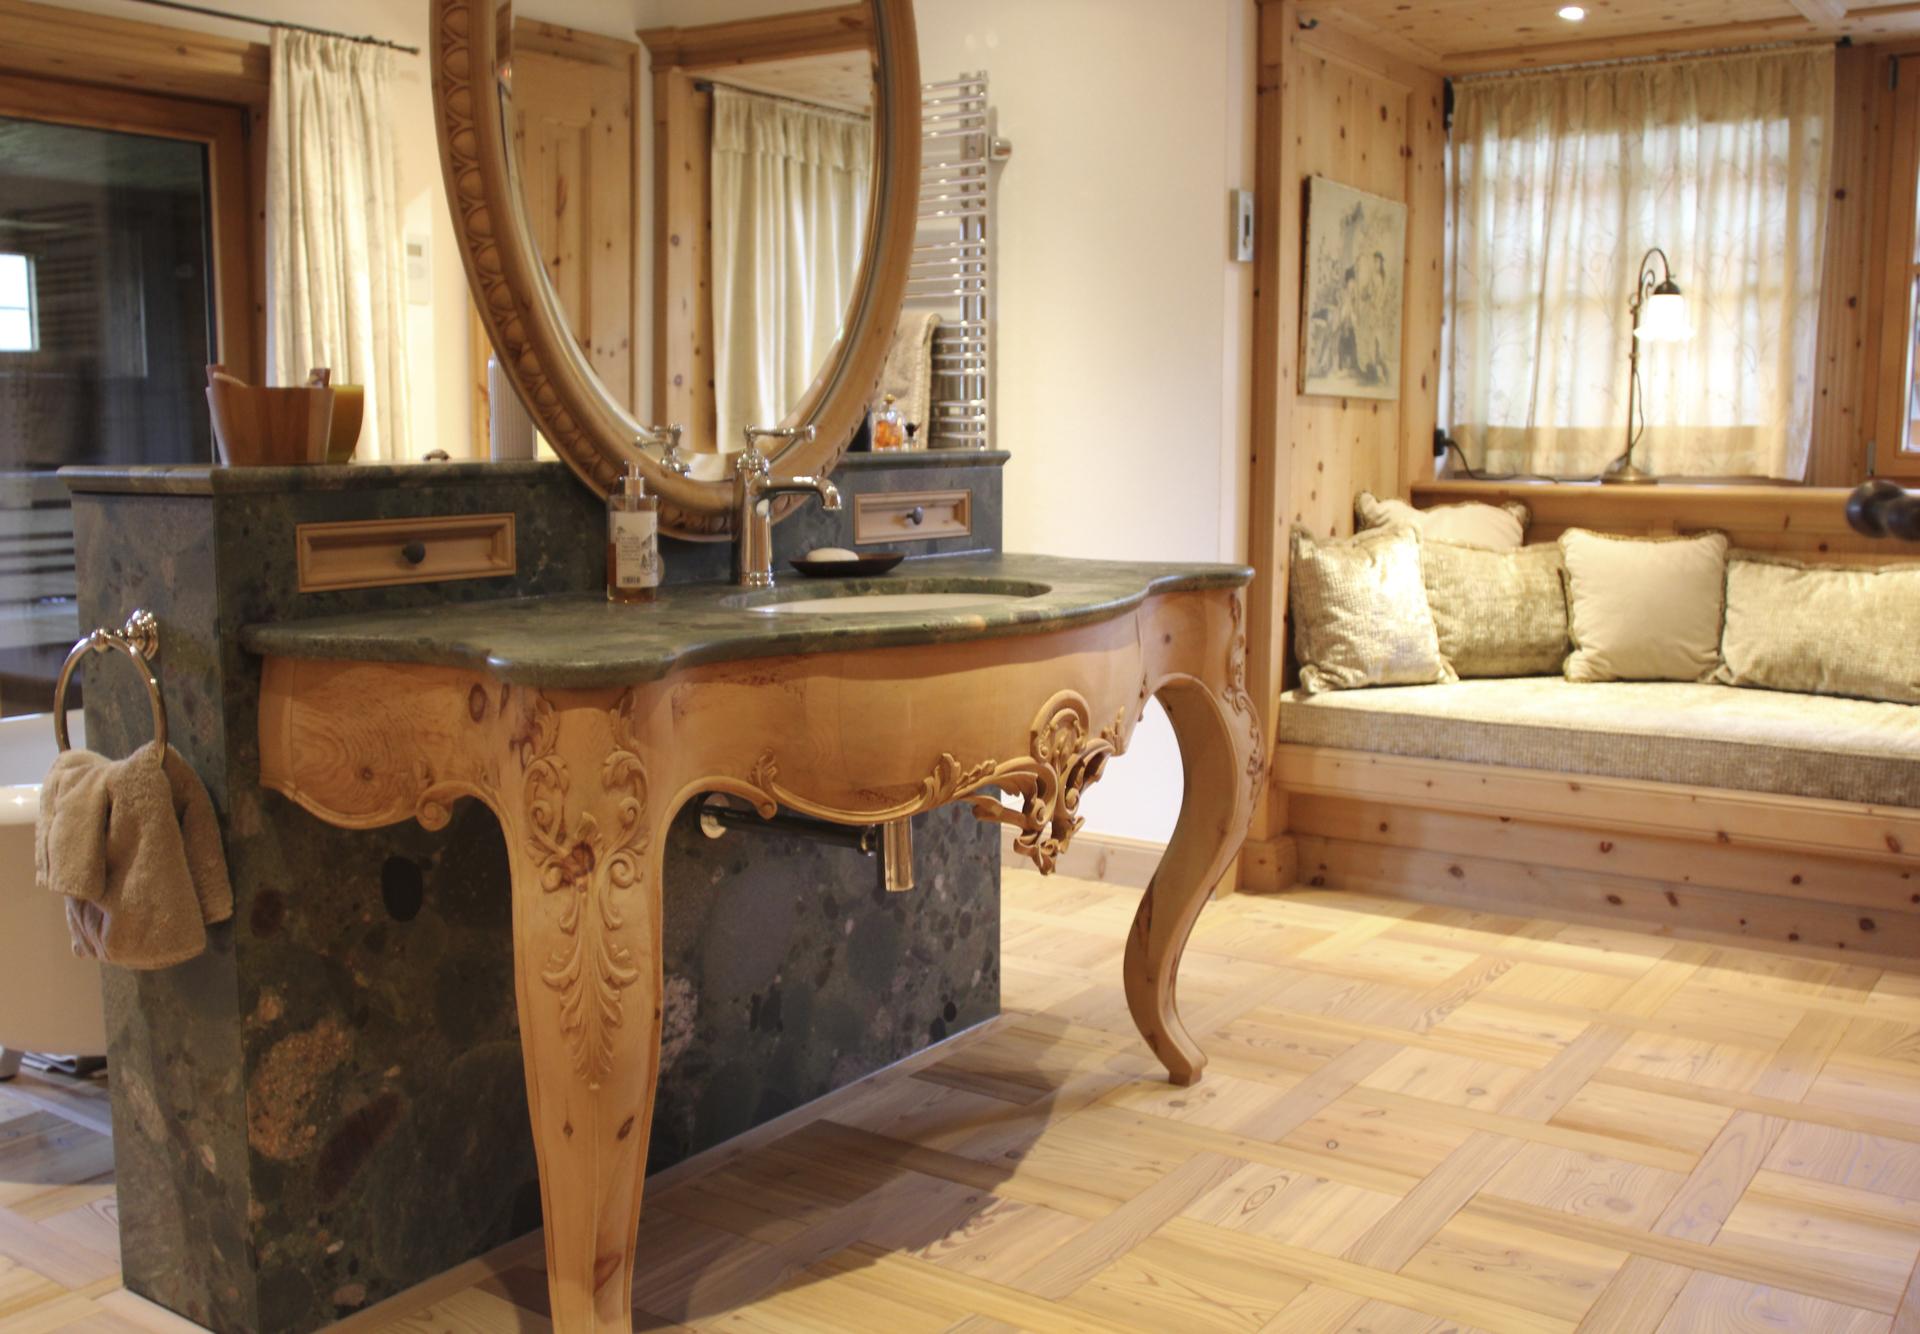 tischlerei-decker-landhaus-bayern-waschtisch-badezimmer